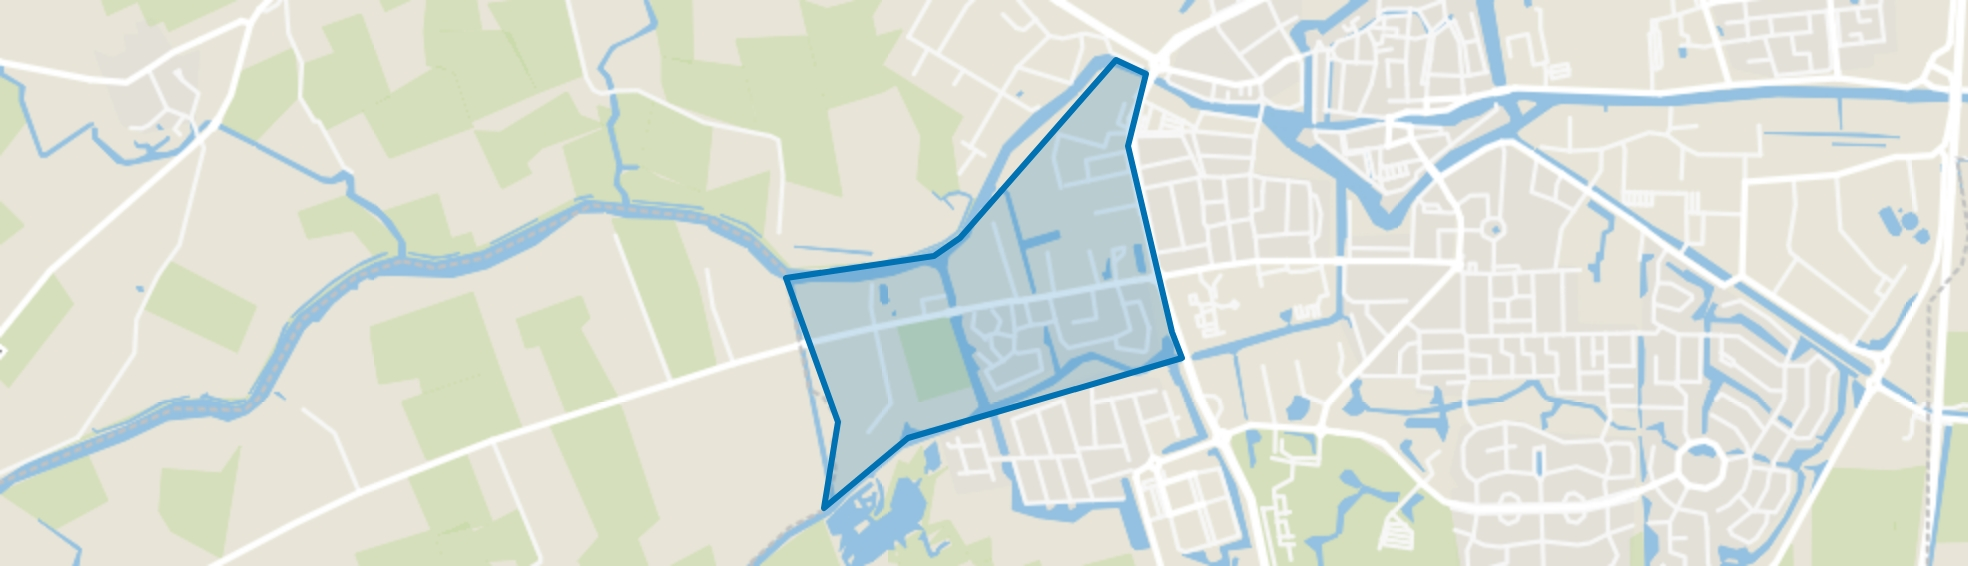 Dokkum De Woudhorne, Dokkum map